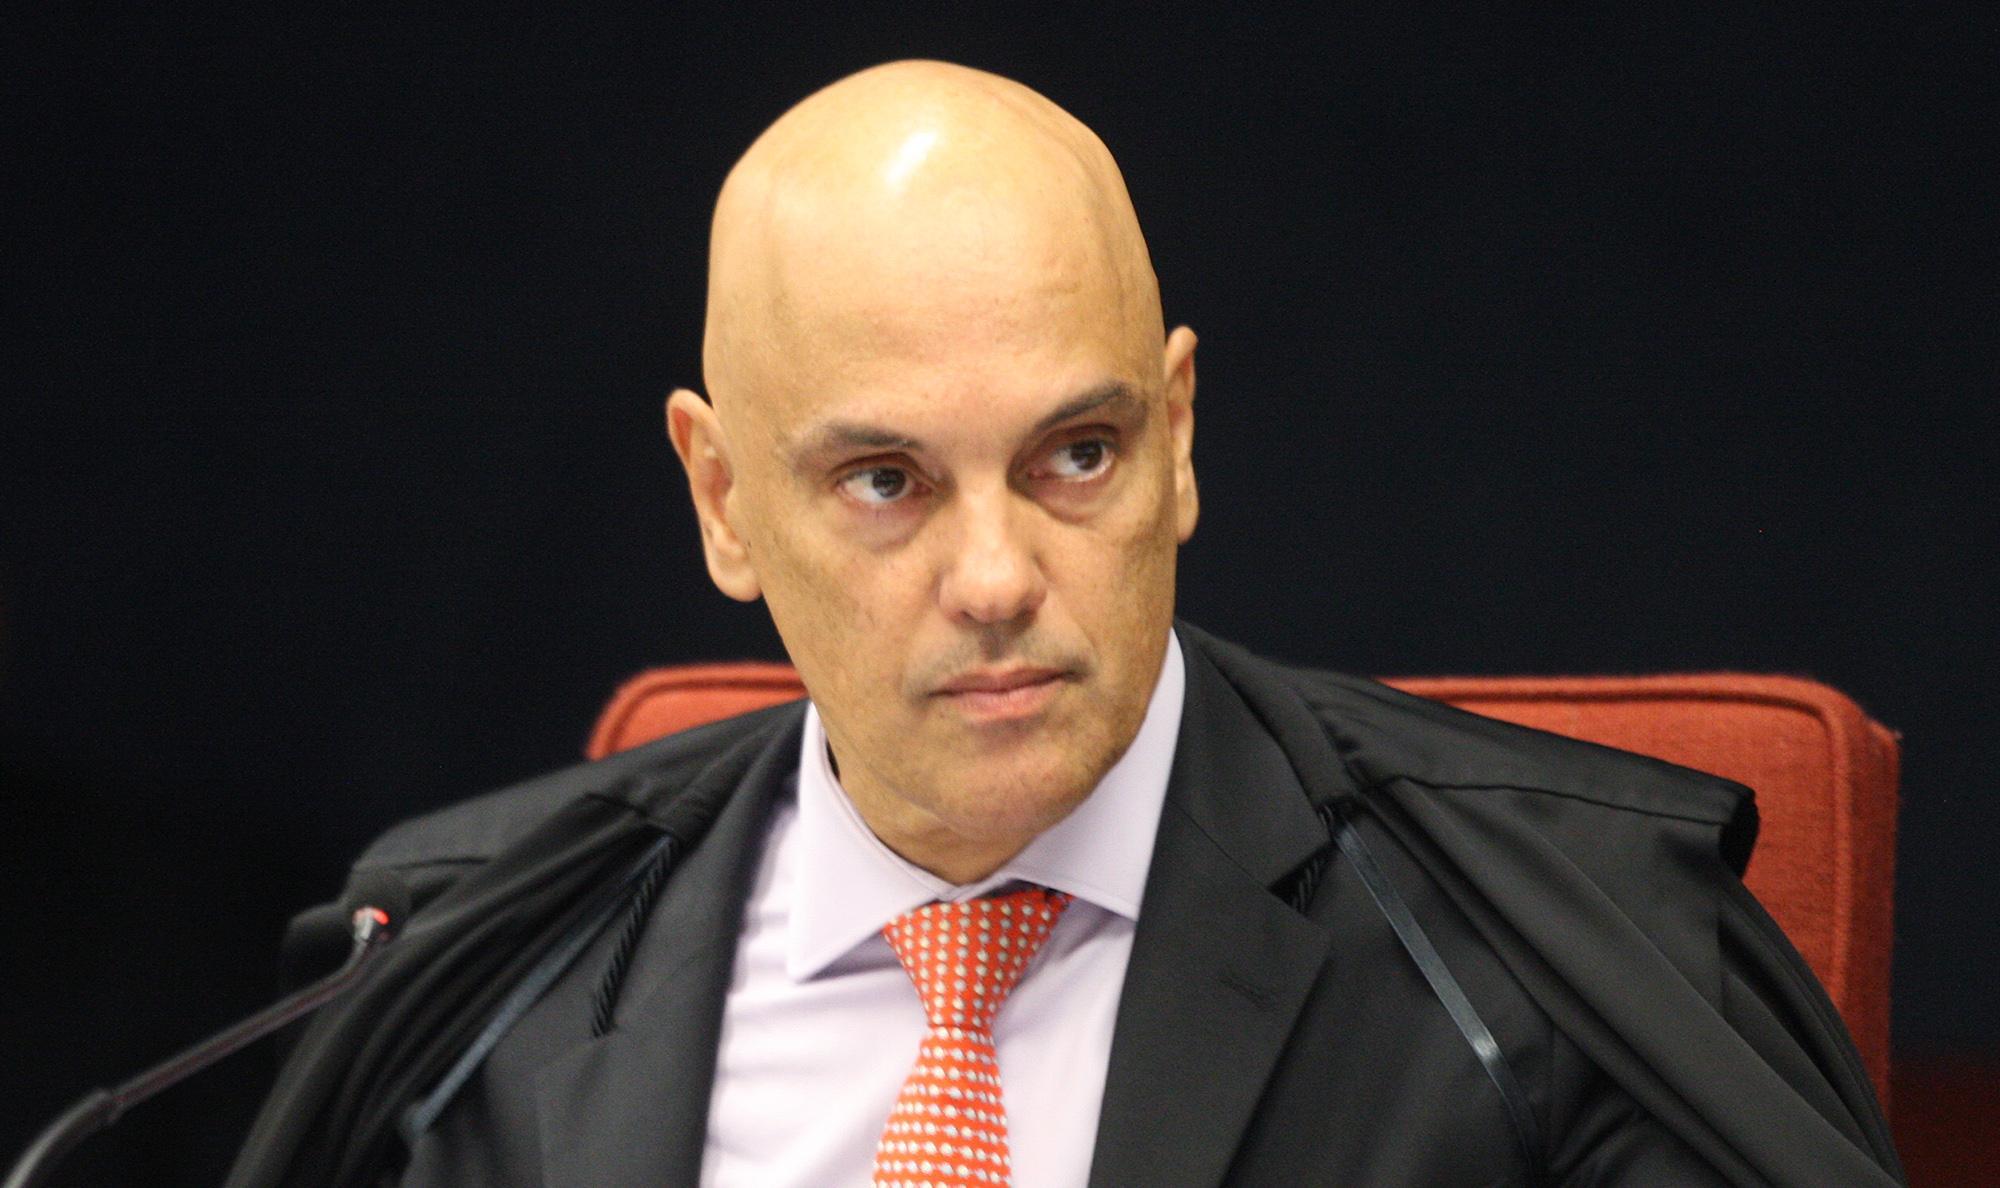 Decisão do ministro foi confirmada pelos colegas da Corte  e pela Câmara dos Deputados